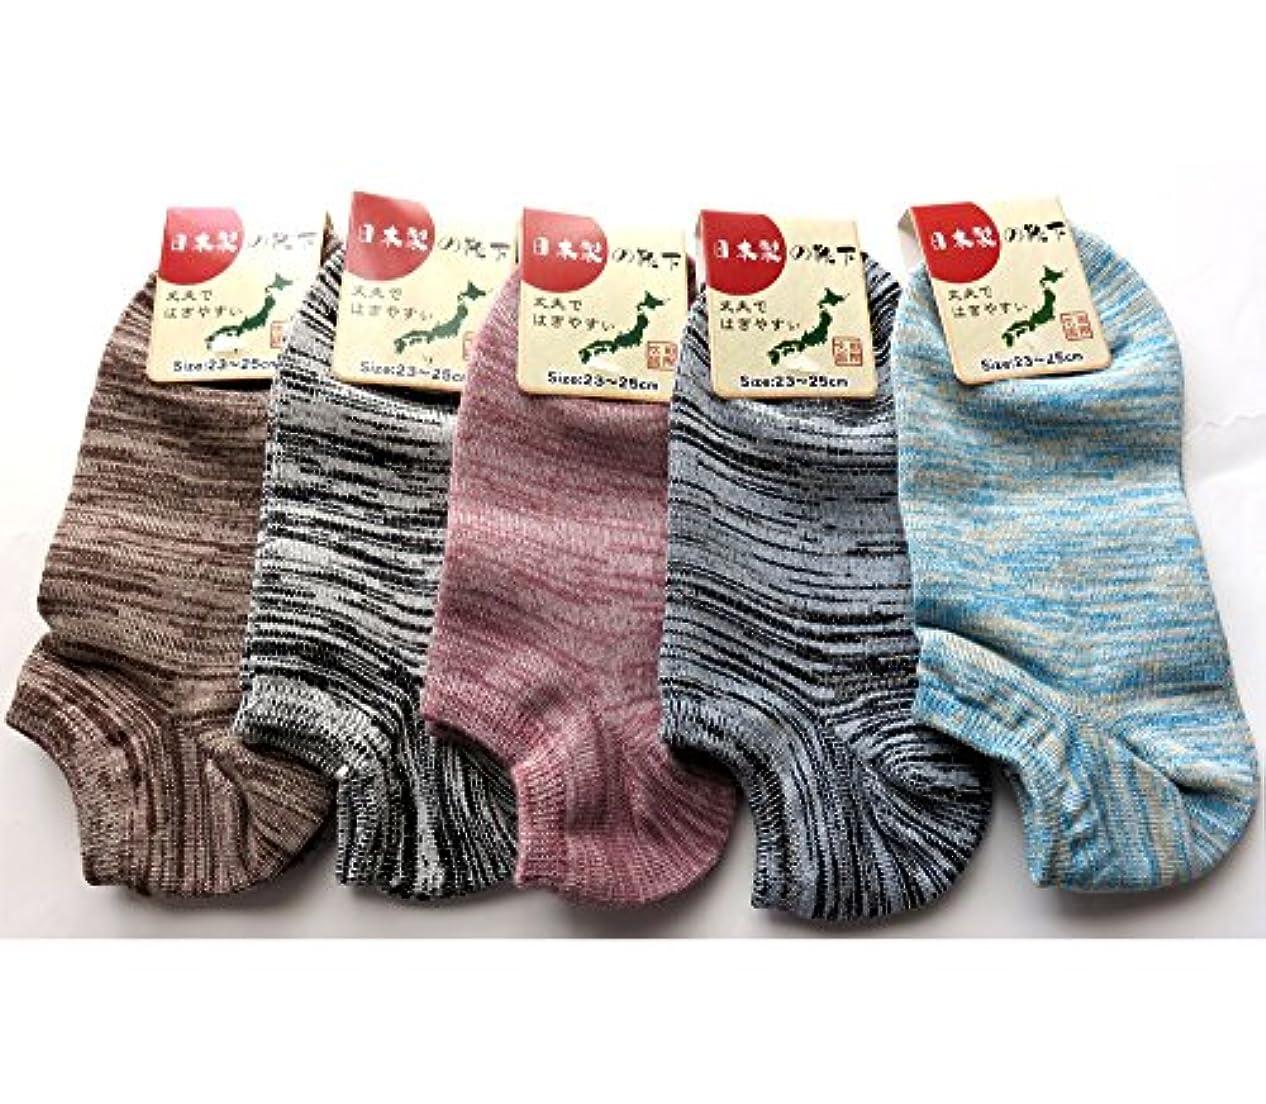 送料回復するすり減る日本製 ソックス レディース 綿混 引き揃え杢調 23-25cm 5色組(カラーはお任せ)